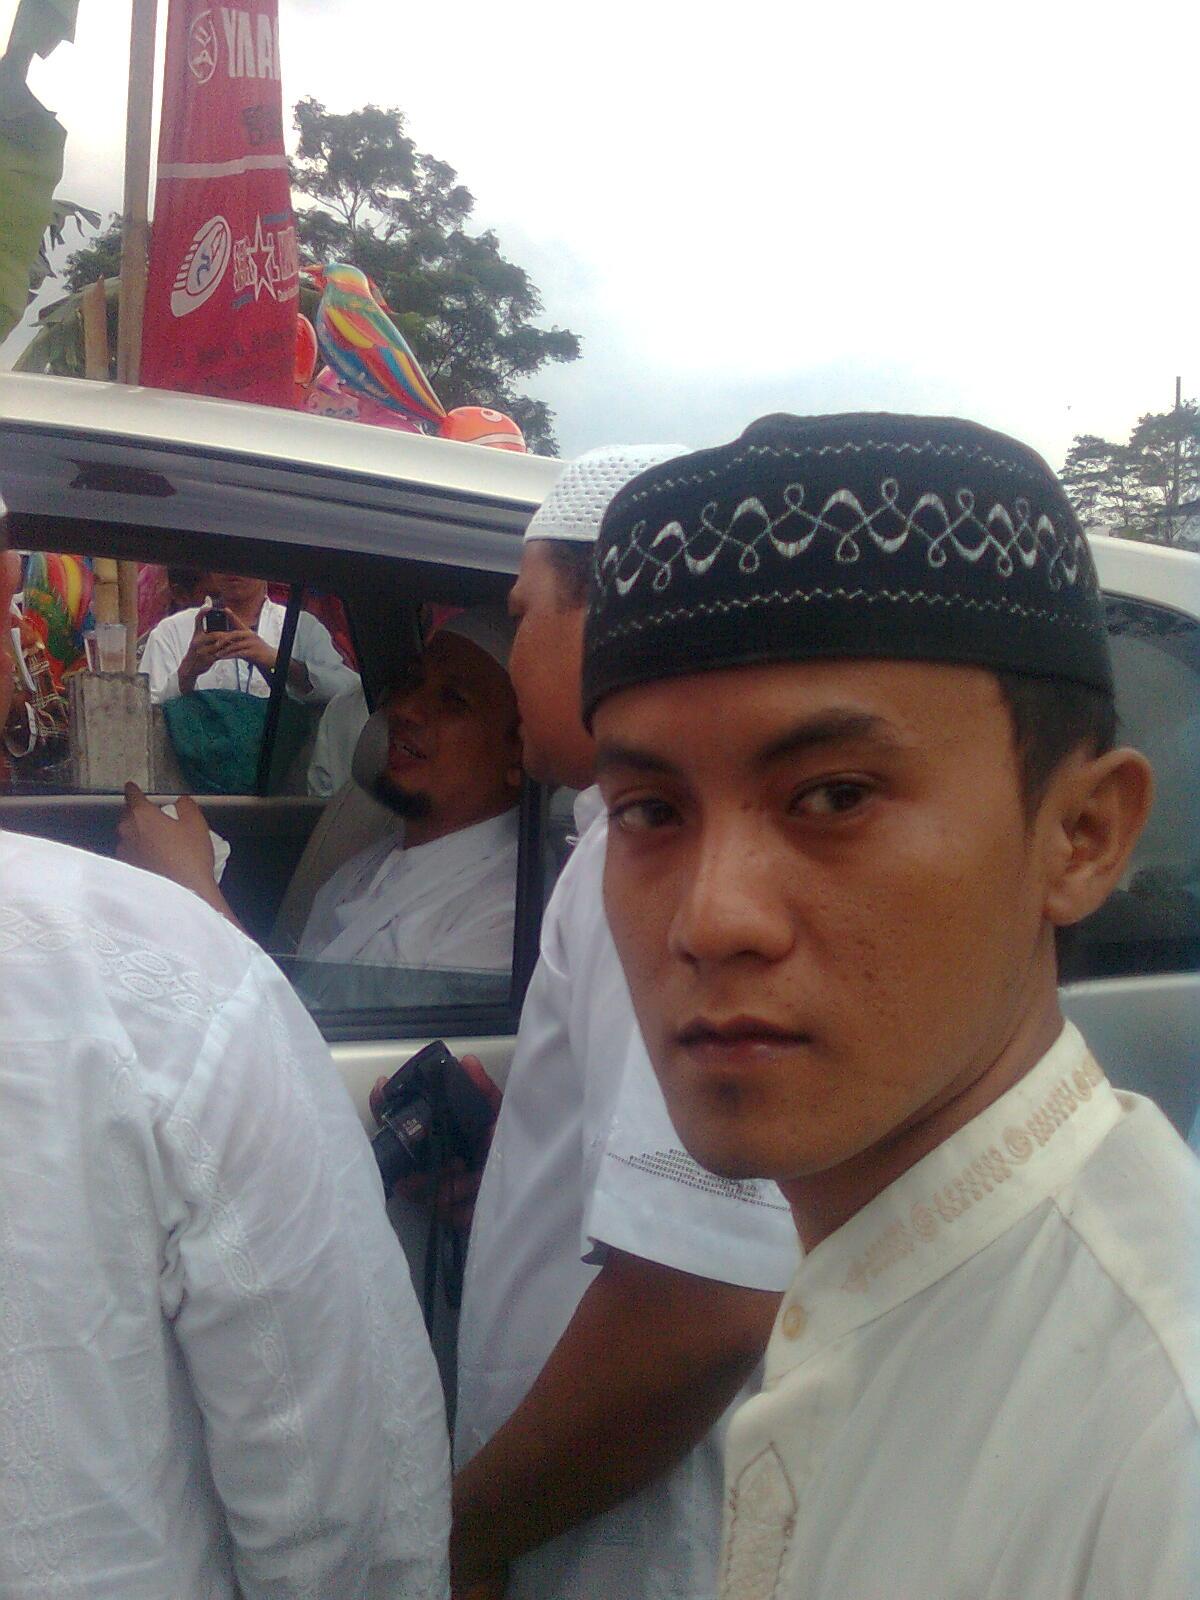 mengikuti Dzikir akbar bersama Imam arifin ilham,ceramah mamah dedeh ...